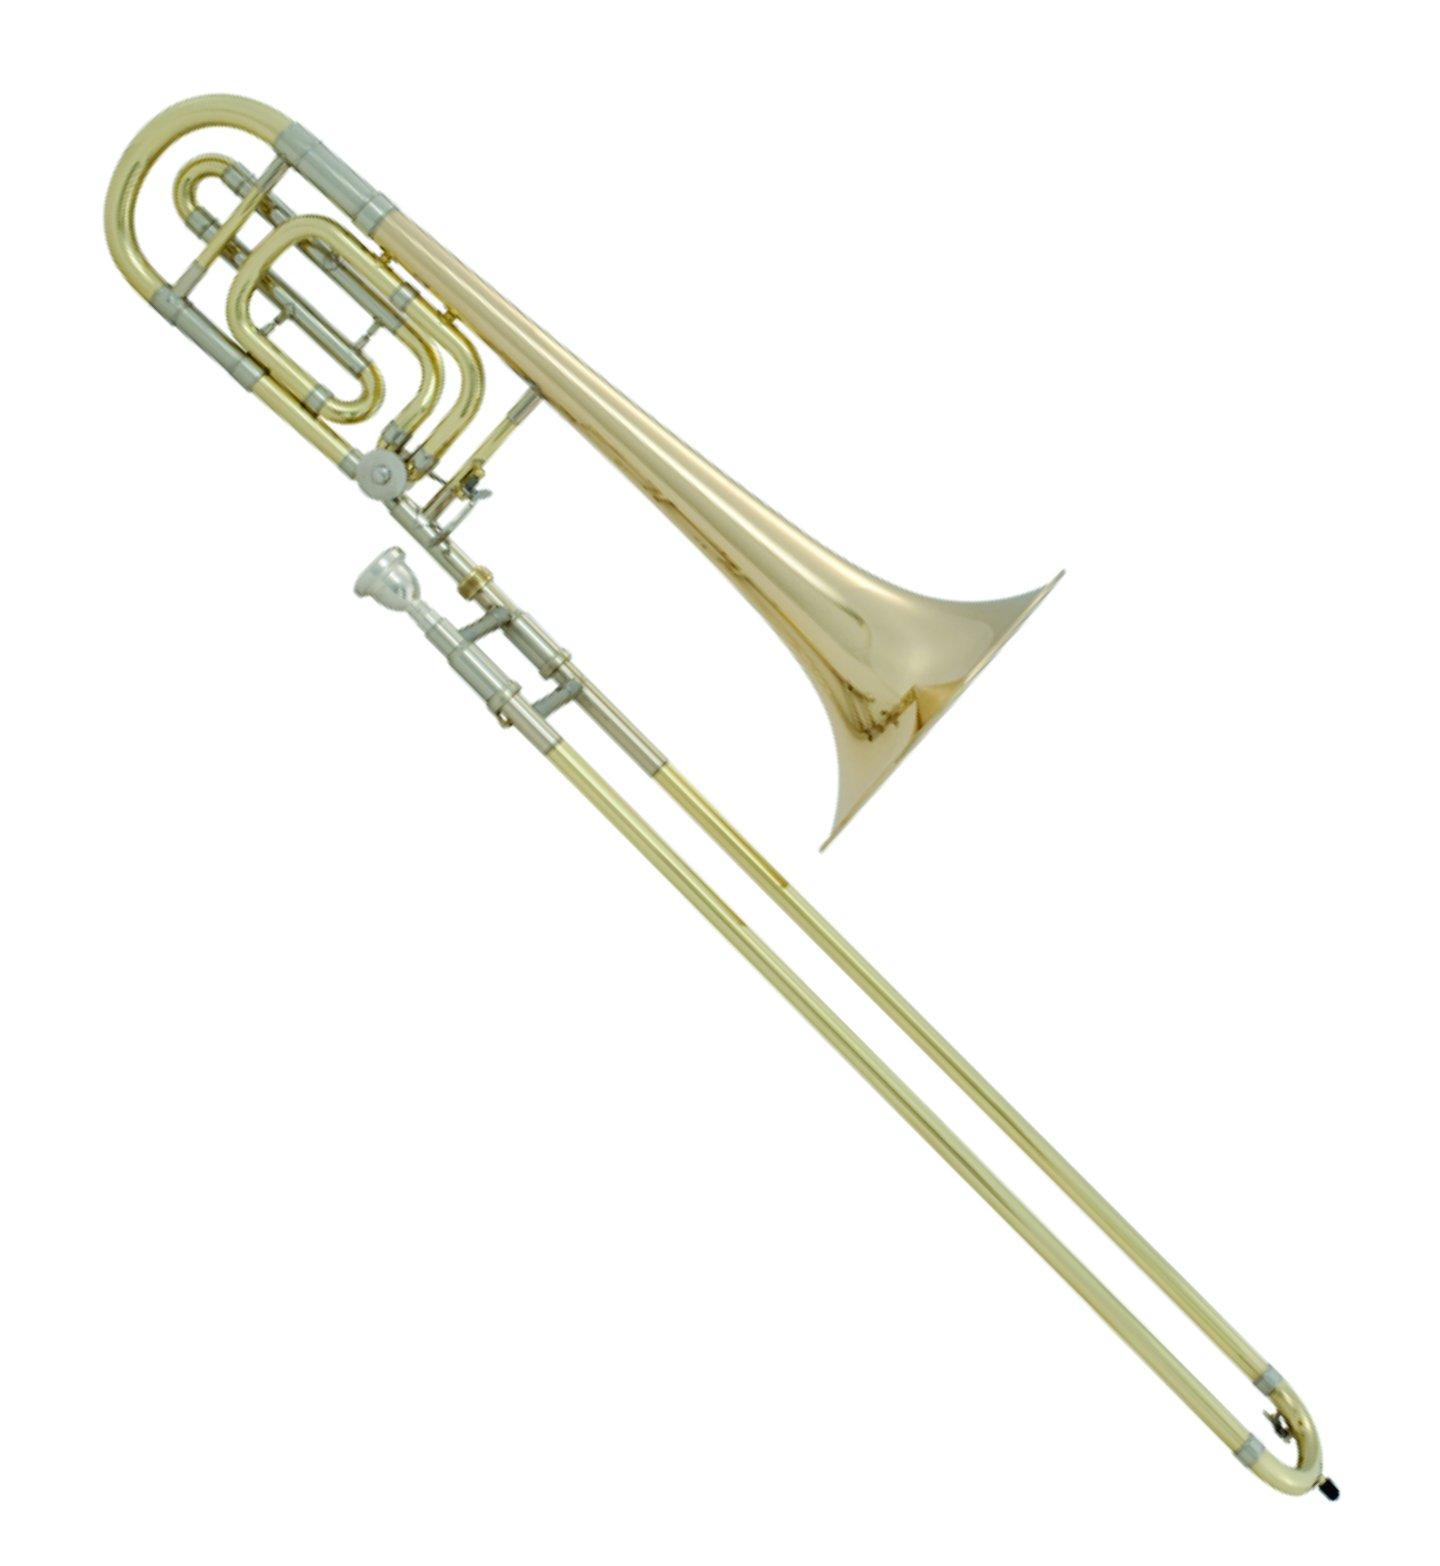 BACH 50B Professional Bass Trombone